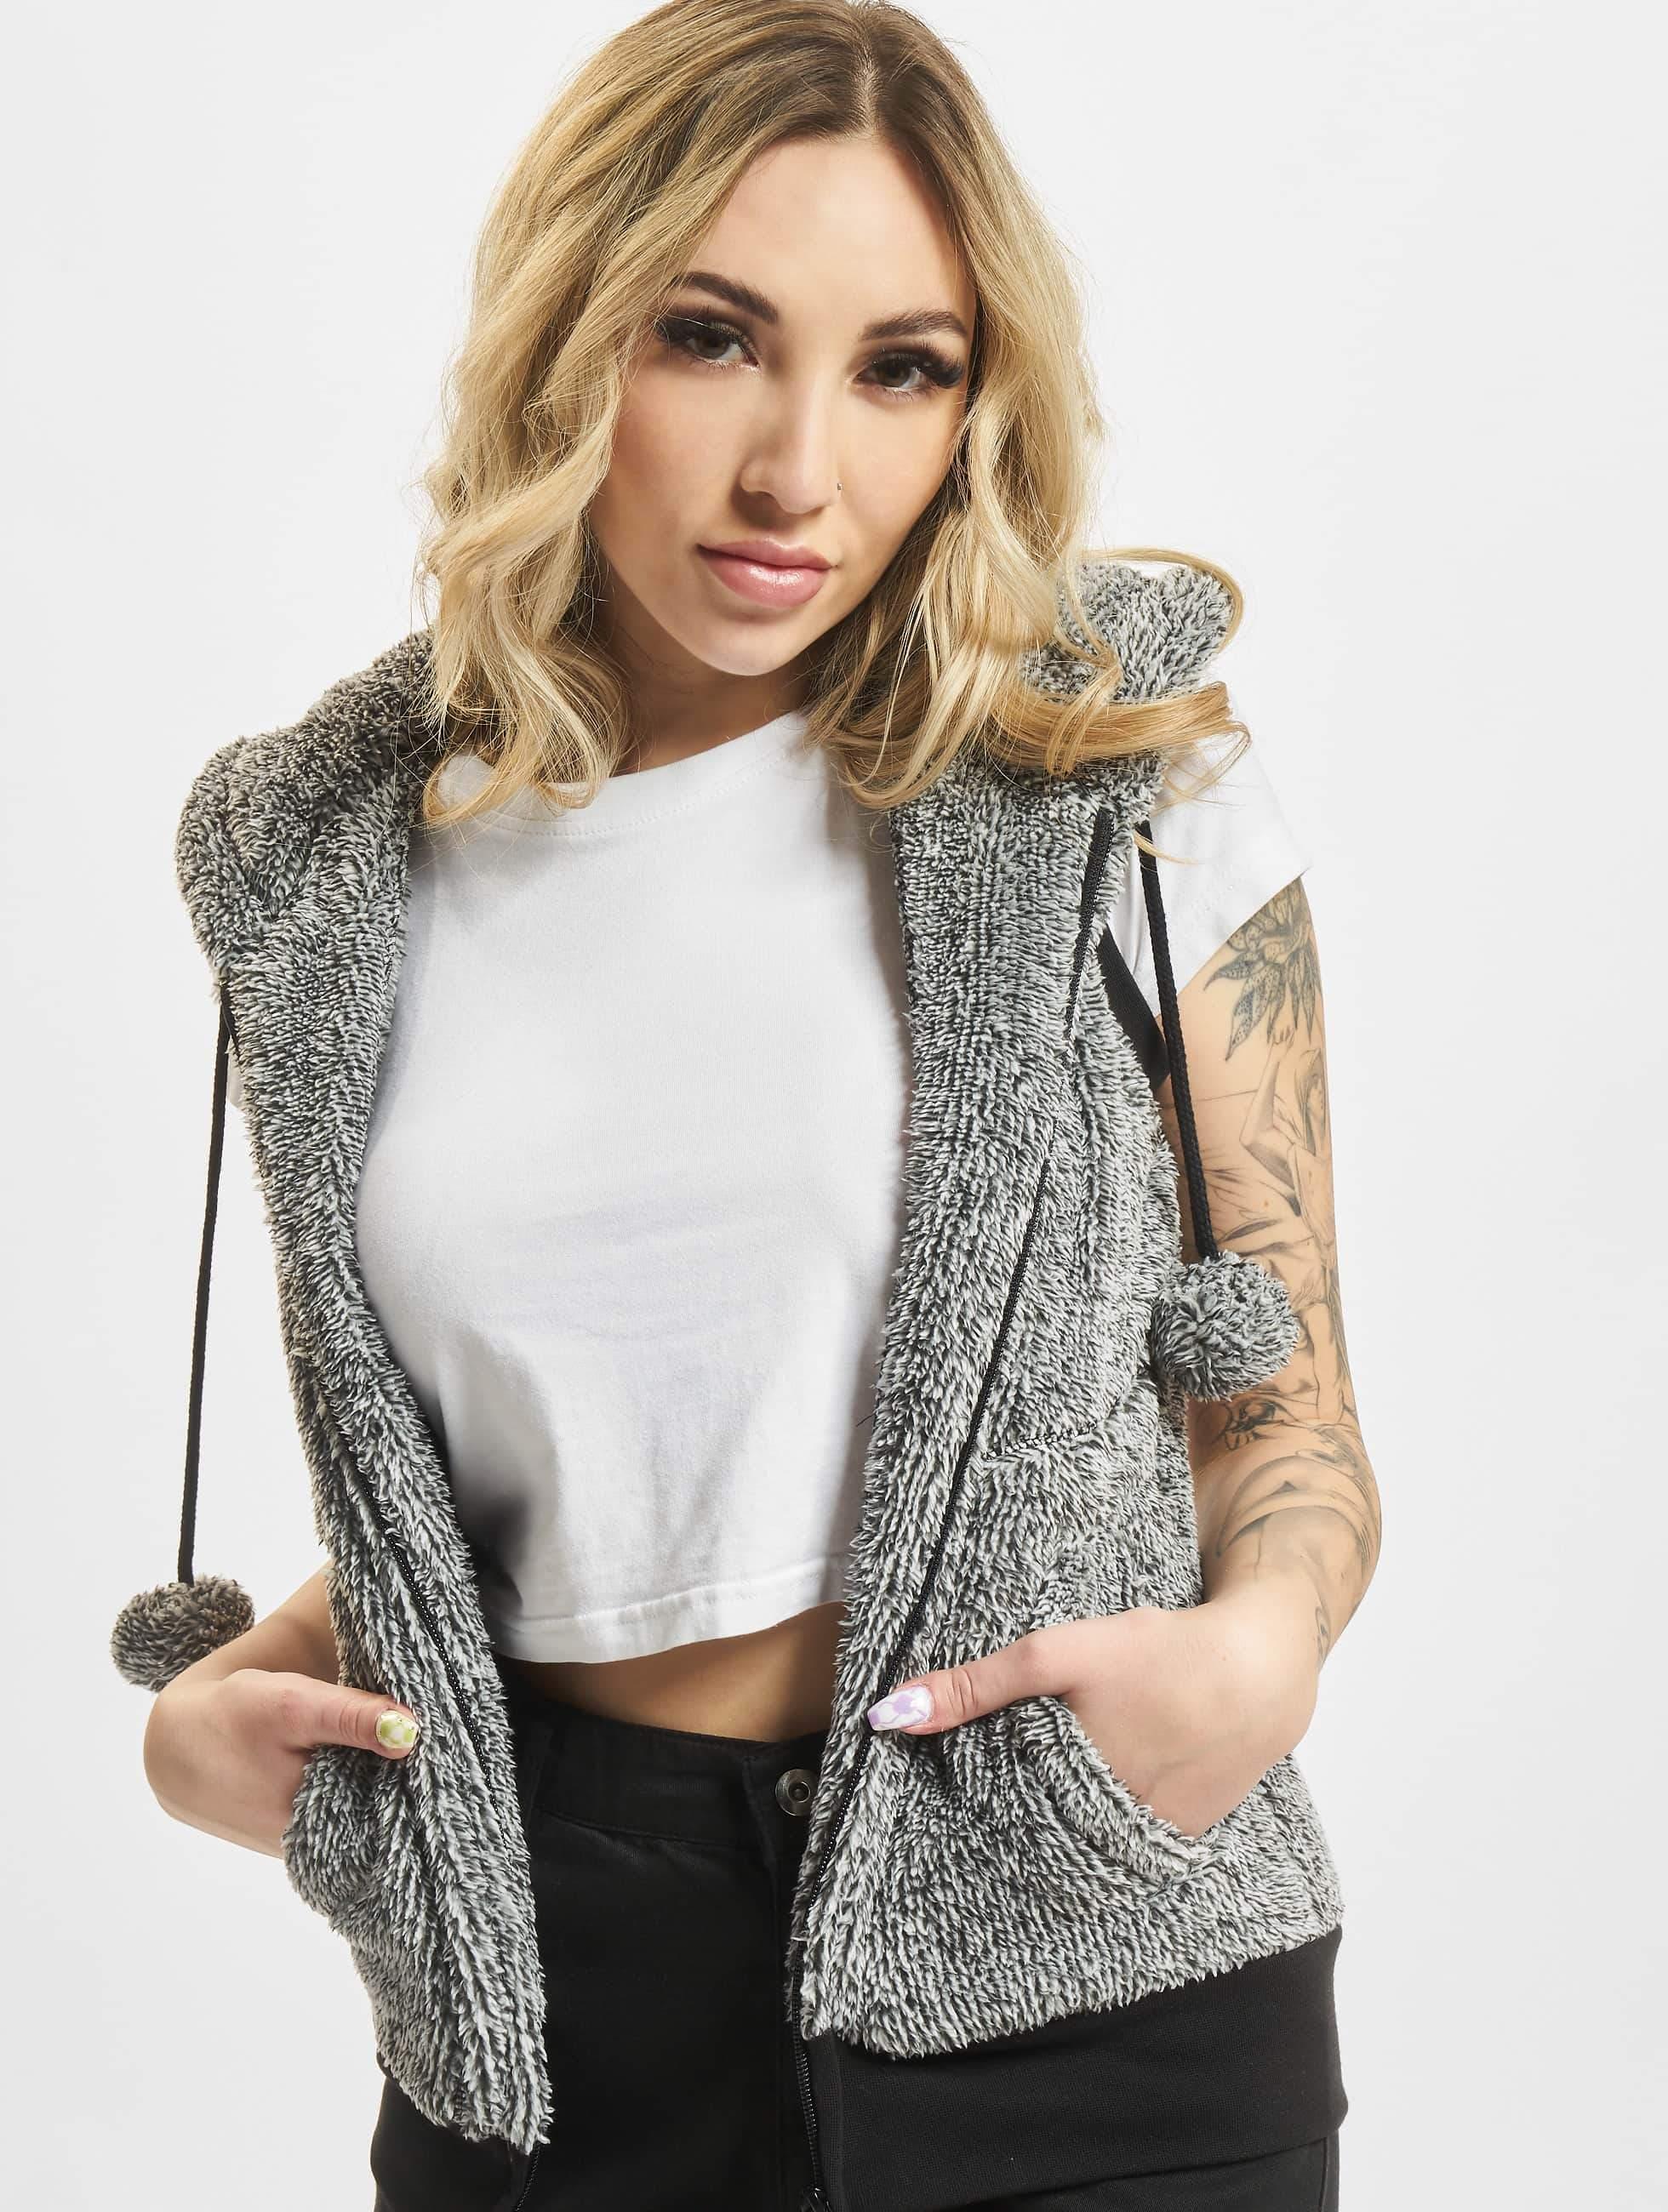 Urban Melange Teddy Blackwhite Vest Classics If7mYbg6yv